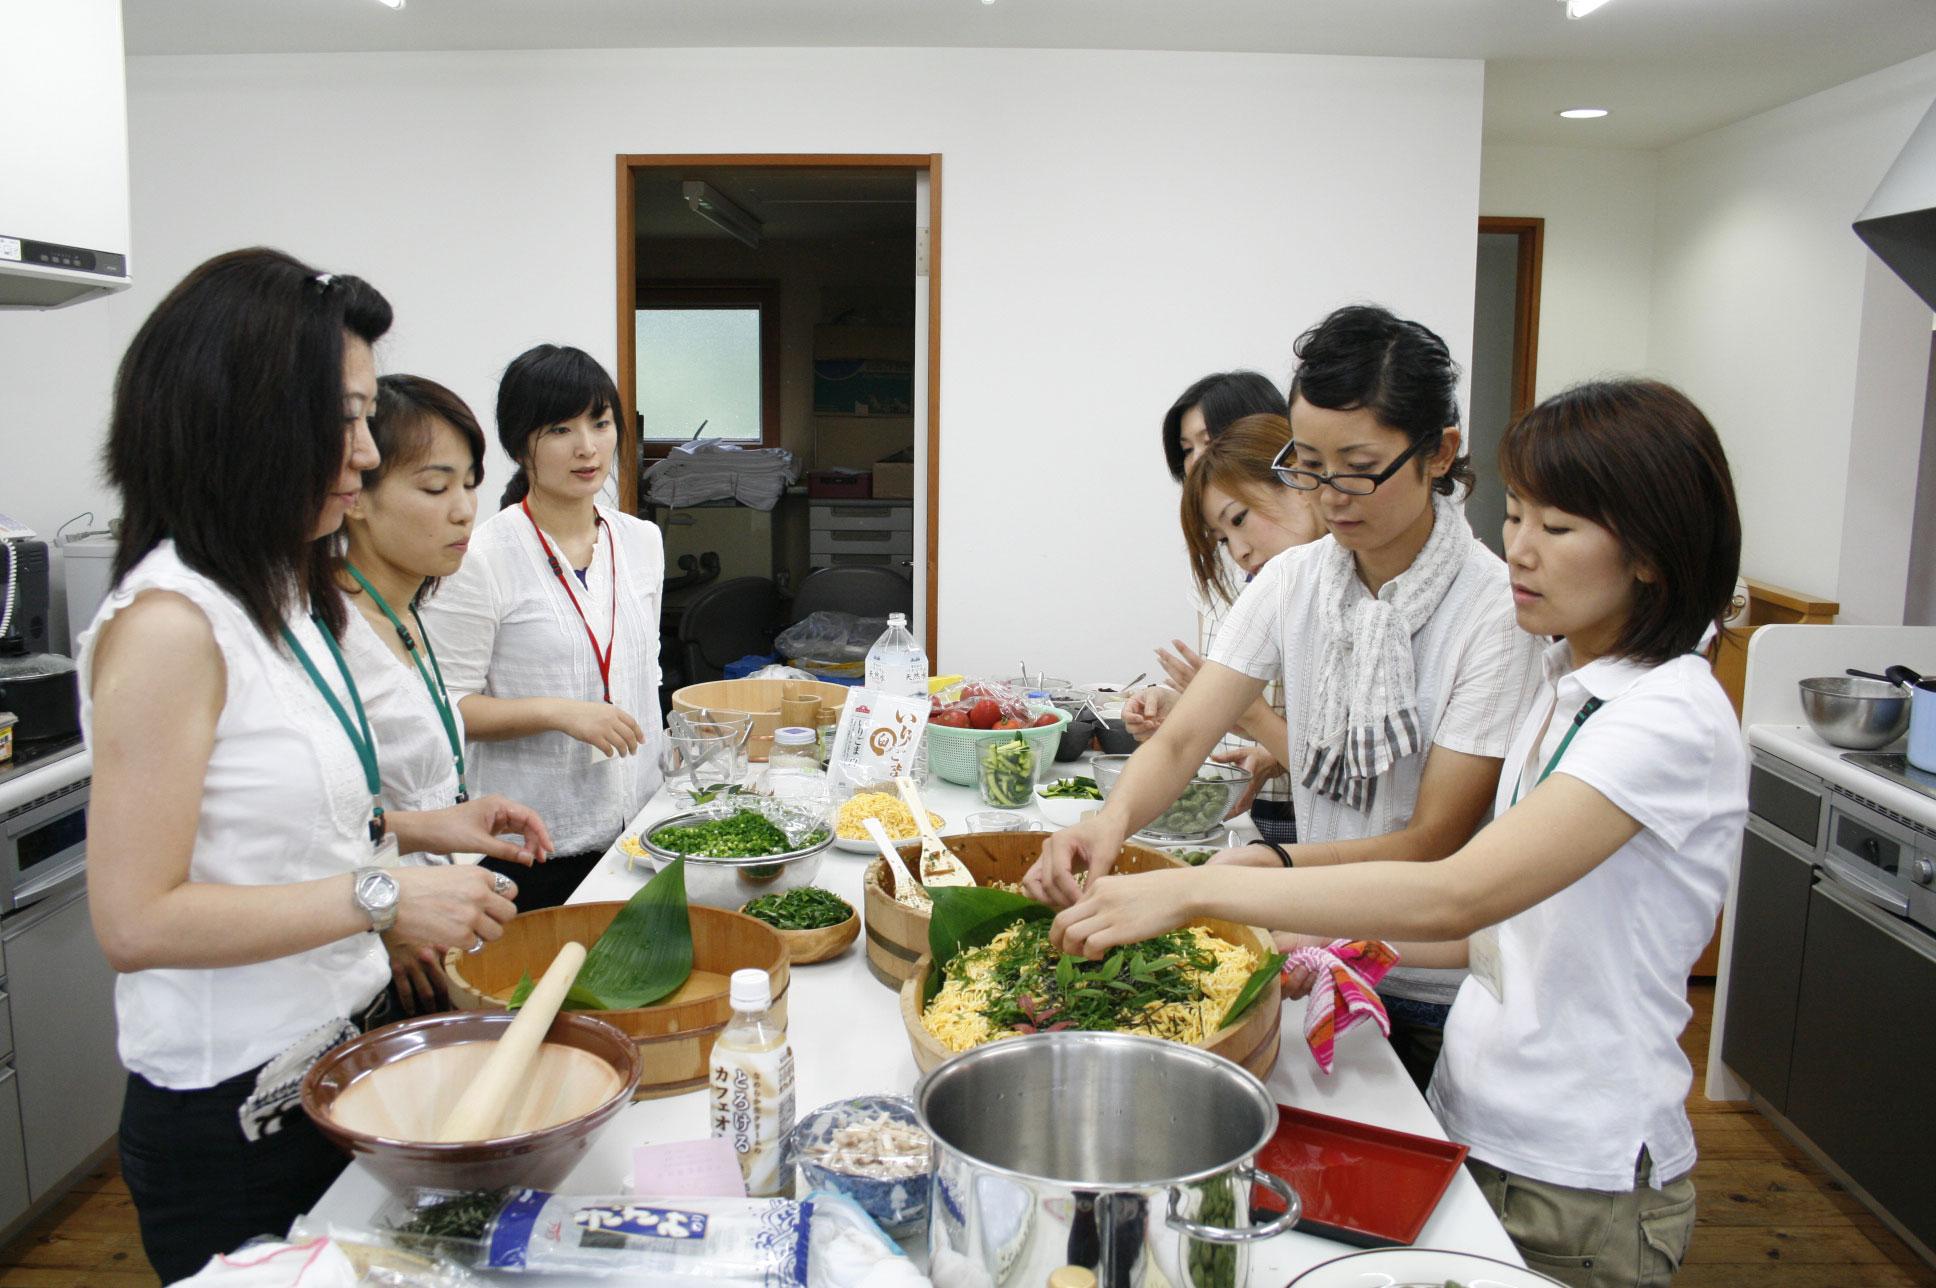 調理でてんやわんやの厨房組。